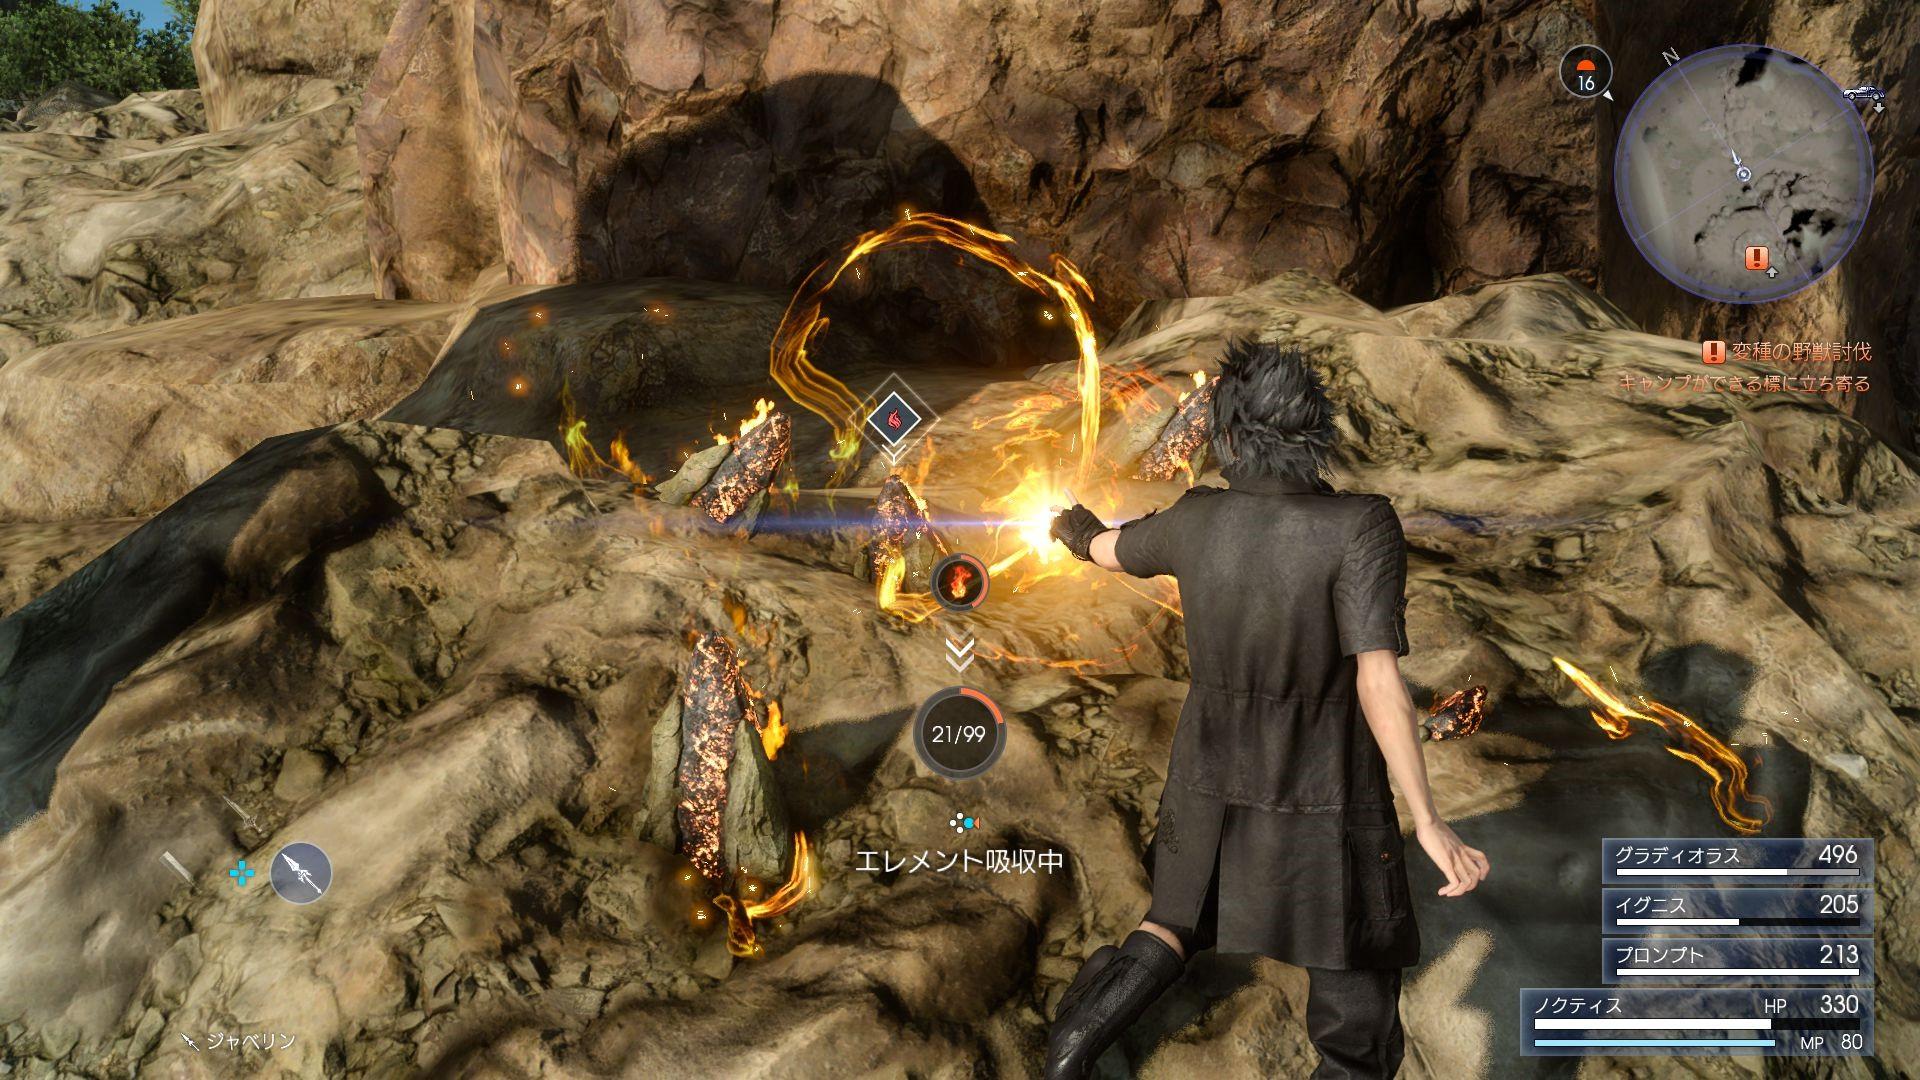 最终幻想15截图高清欣赏 超大量美图JRPG典